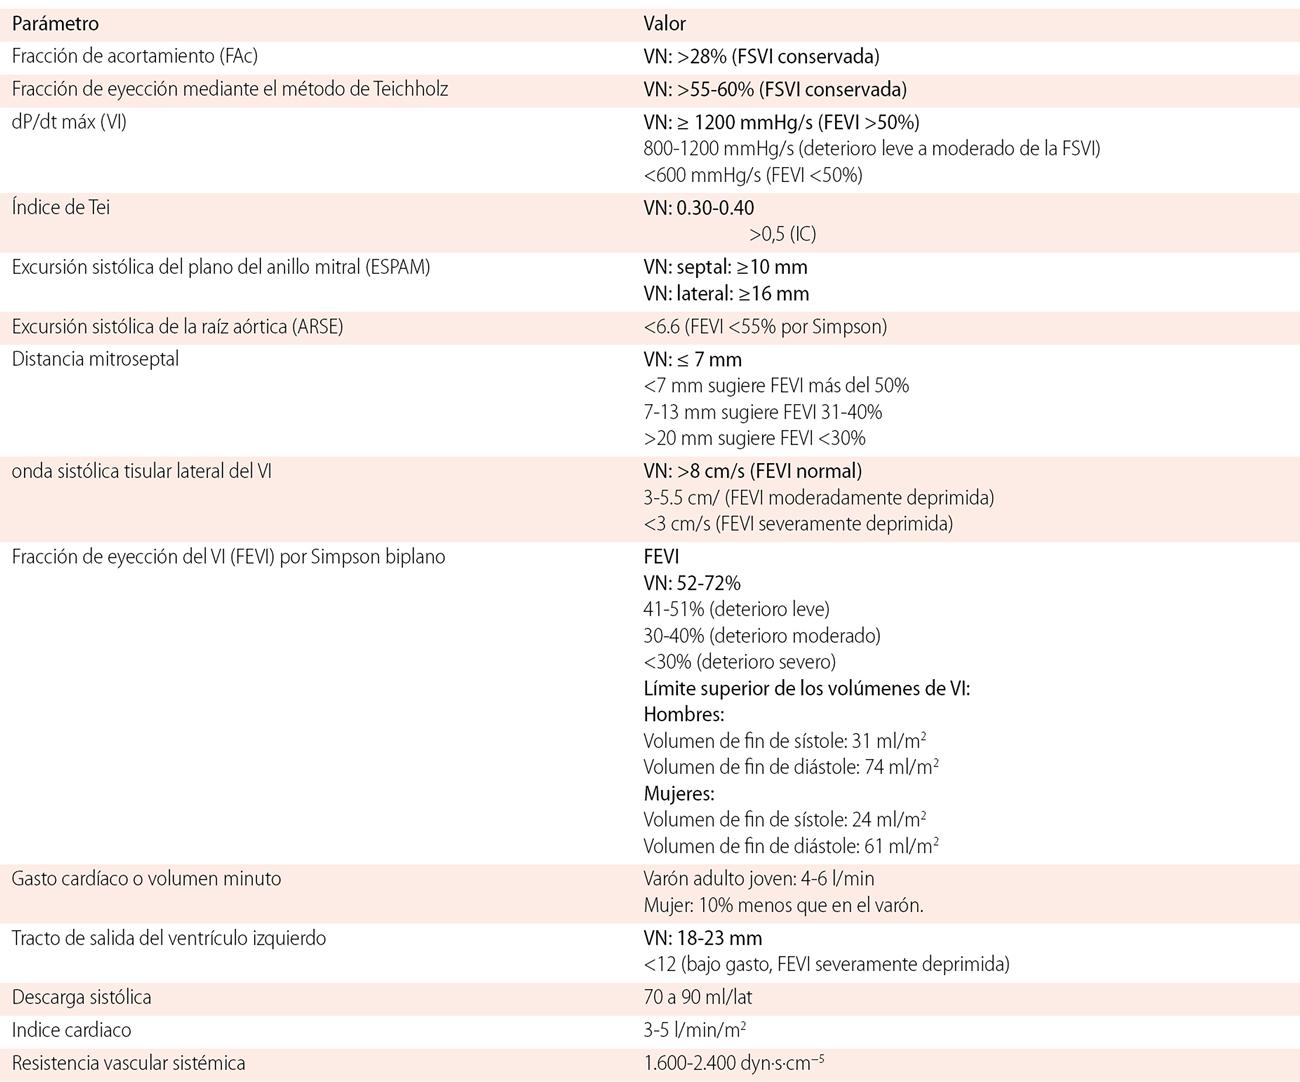 Monitoreo hemodinámico por ecocardiografía